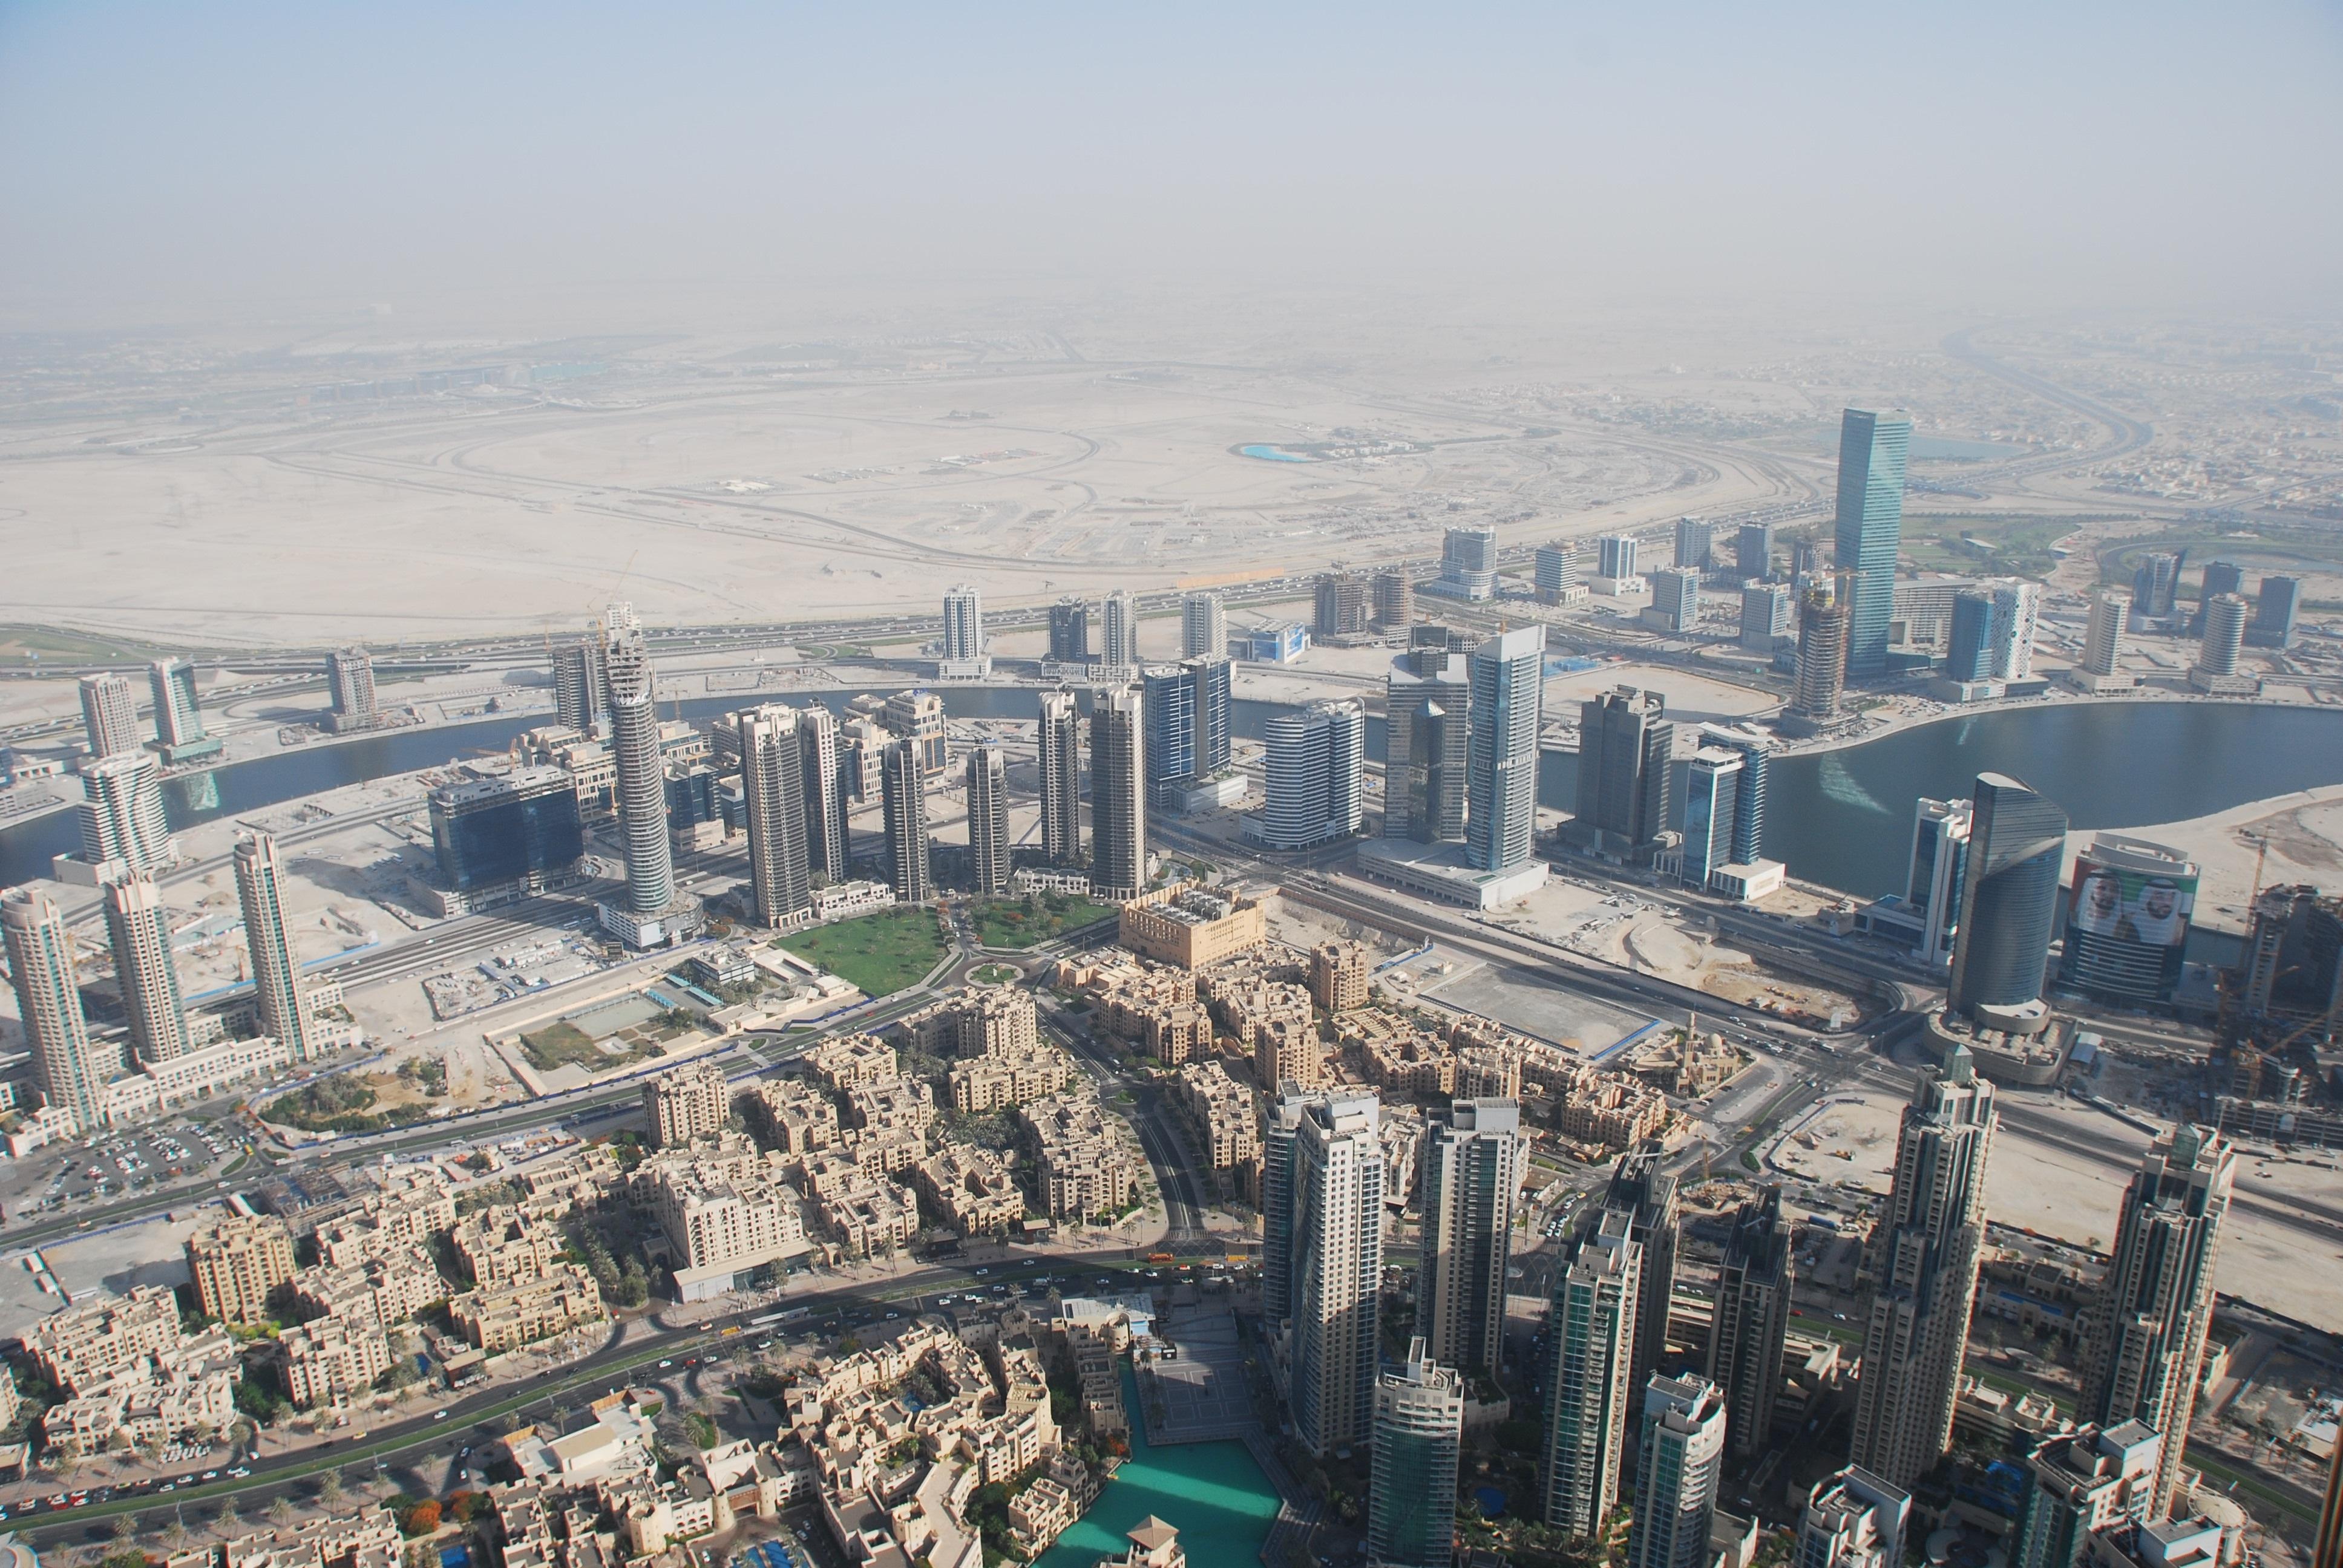 fotos gratis horizonte pueblo rascacielos paisaje urbano panorama centro de la ciudad torre dubai punto de referencia bloque de pisos